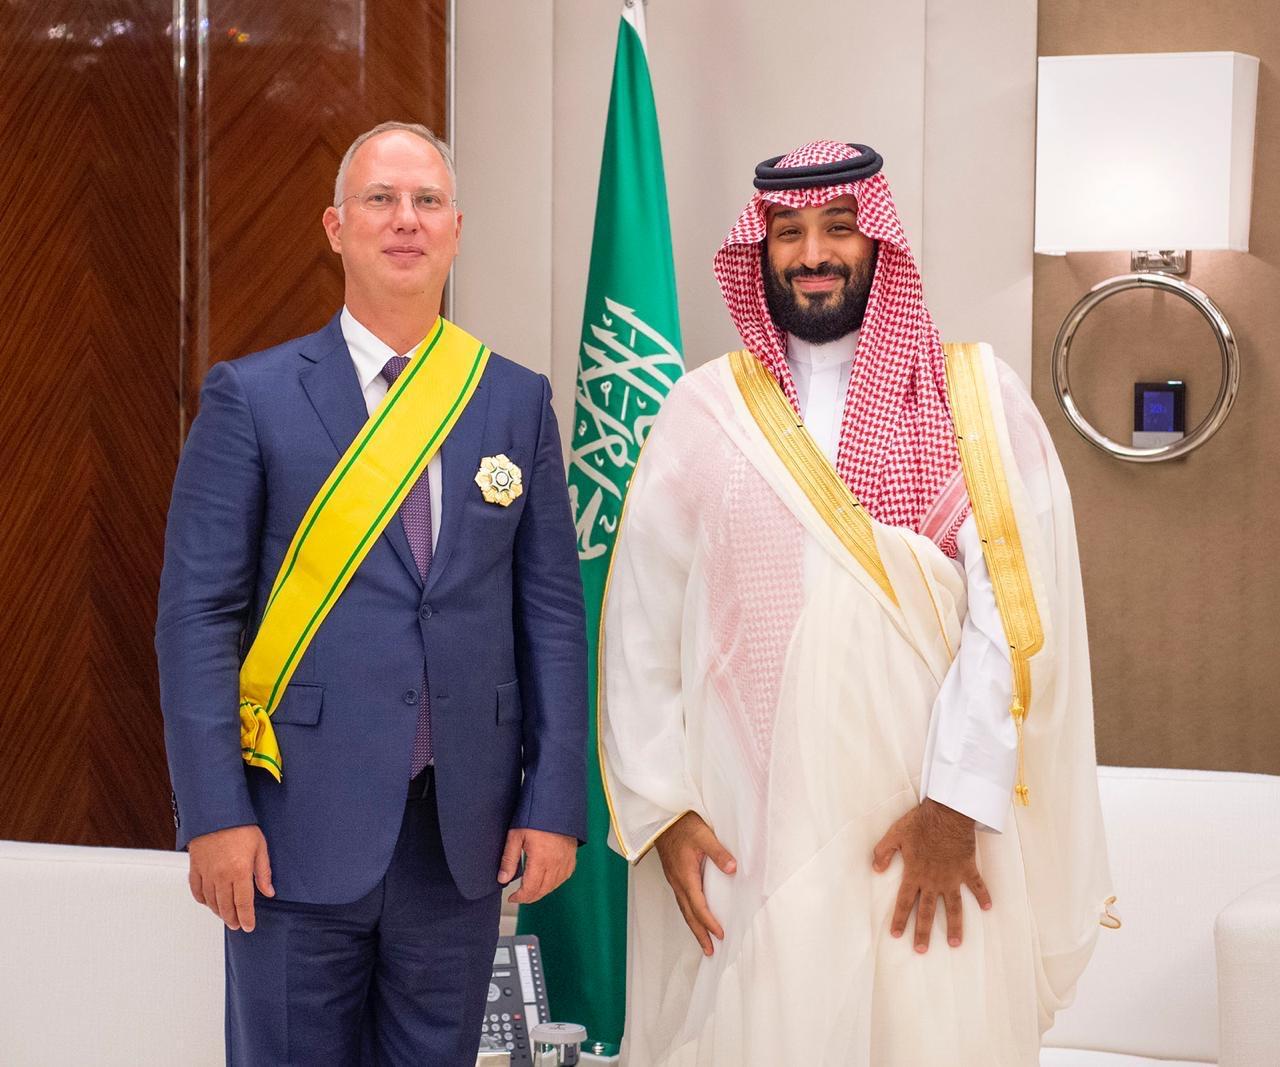 ولي العهد يقلد رئيس صندوق الاستثمار الروسي وشاح الملك عبدالعزيز